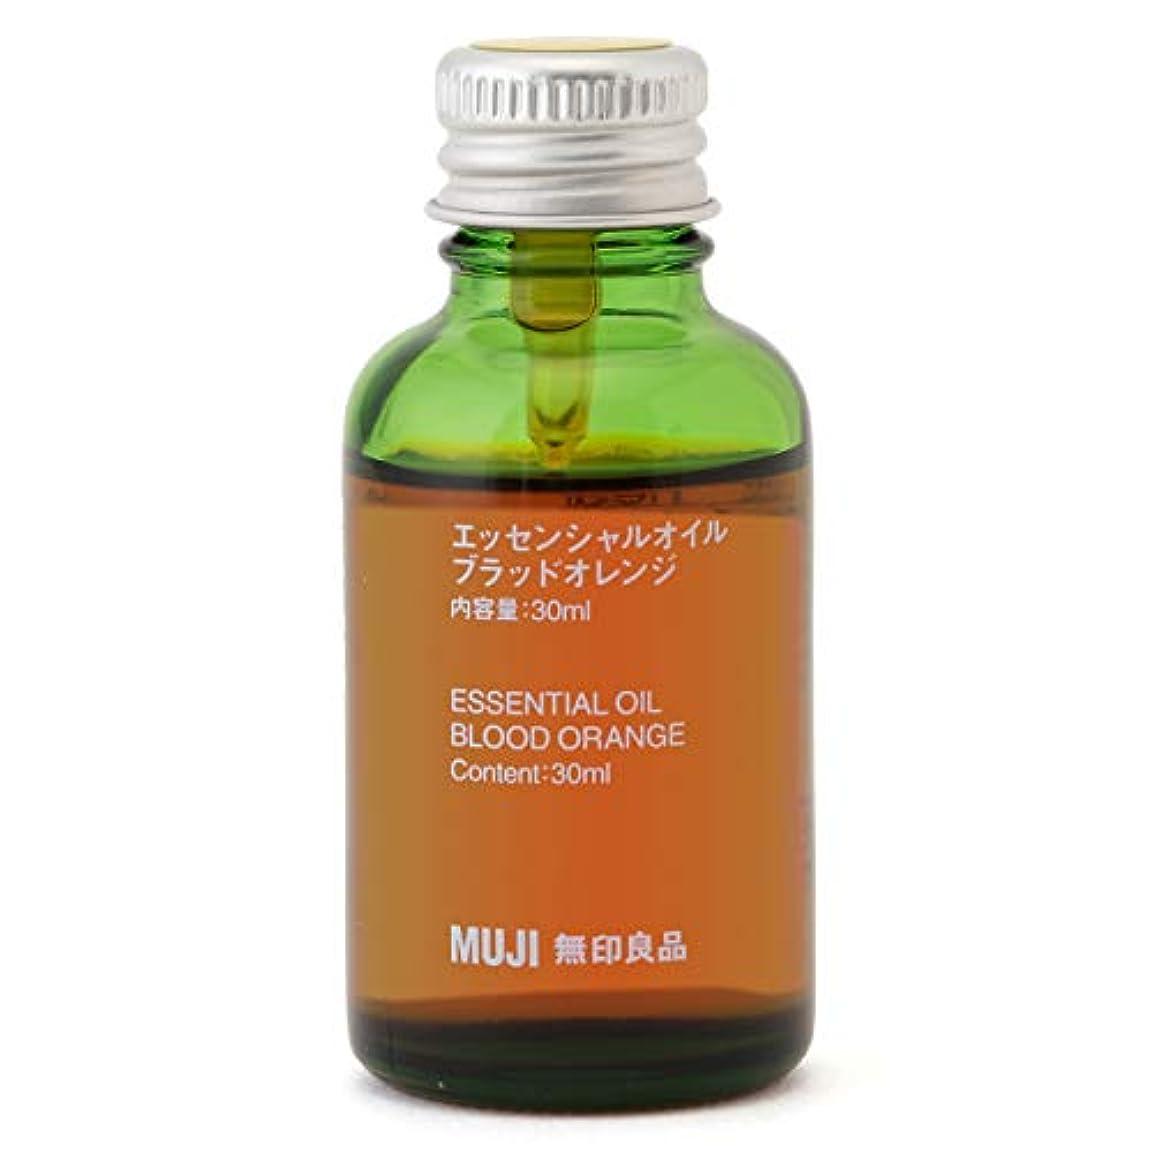 うめきポーン障害【無印良品】エッセンシャルオイル30ml(ブラッドオレンジ)